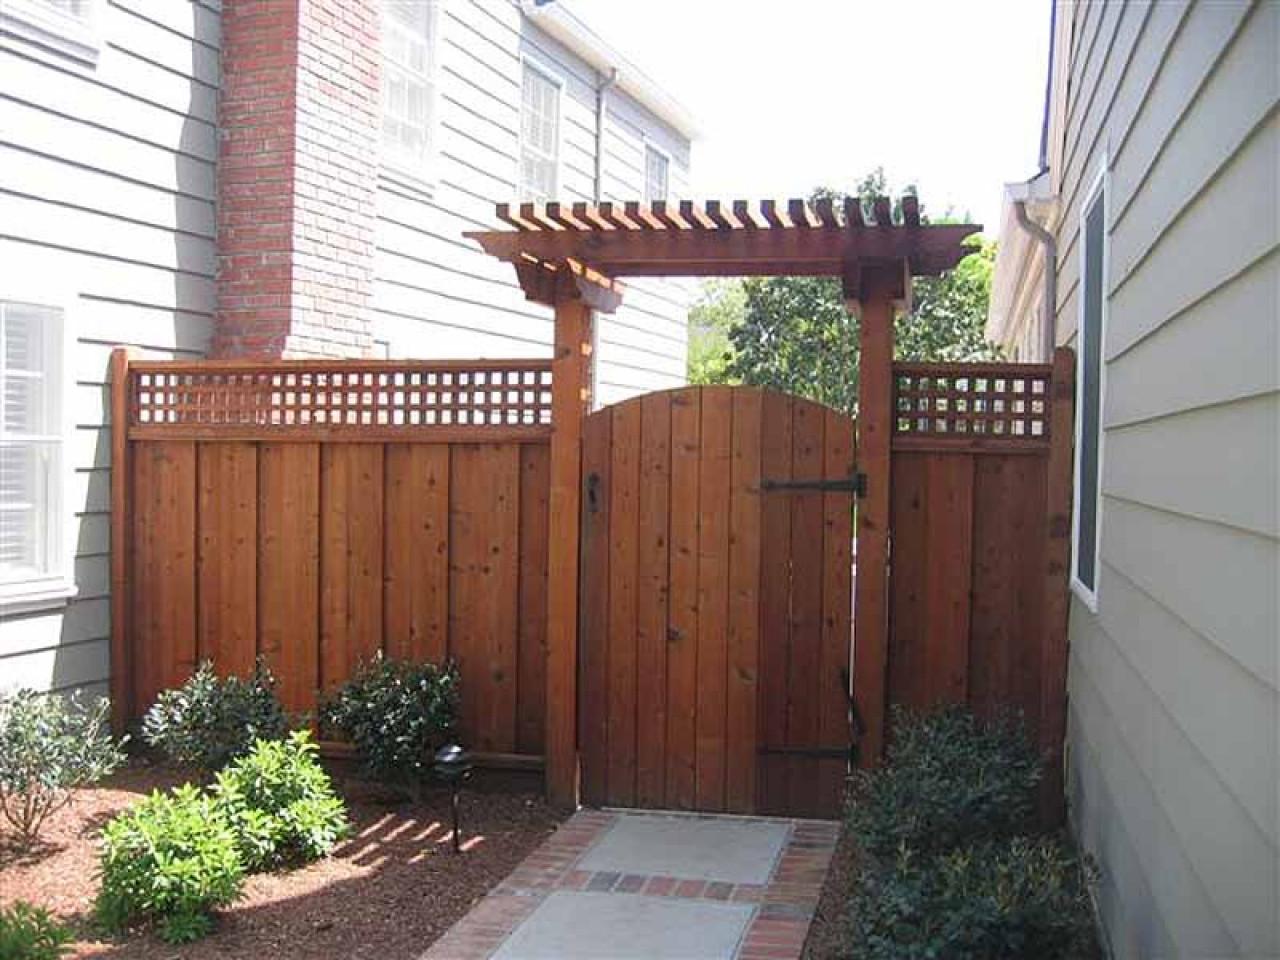 Backyard Fence Door  Pergola and lattice fence garden door gate with arch